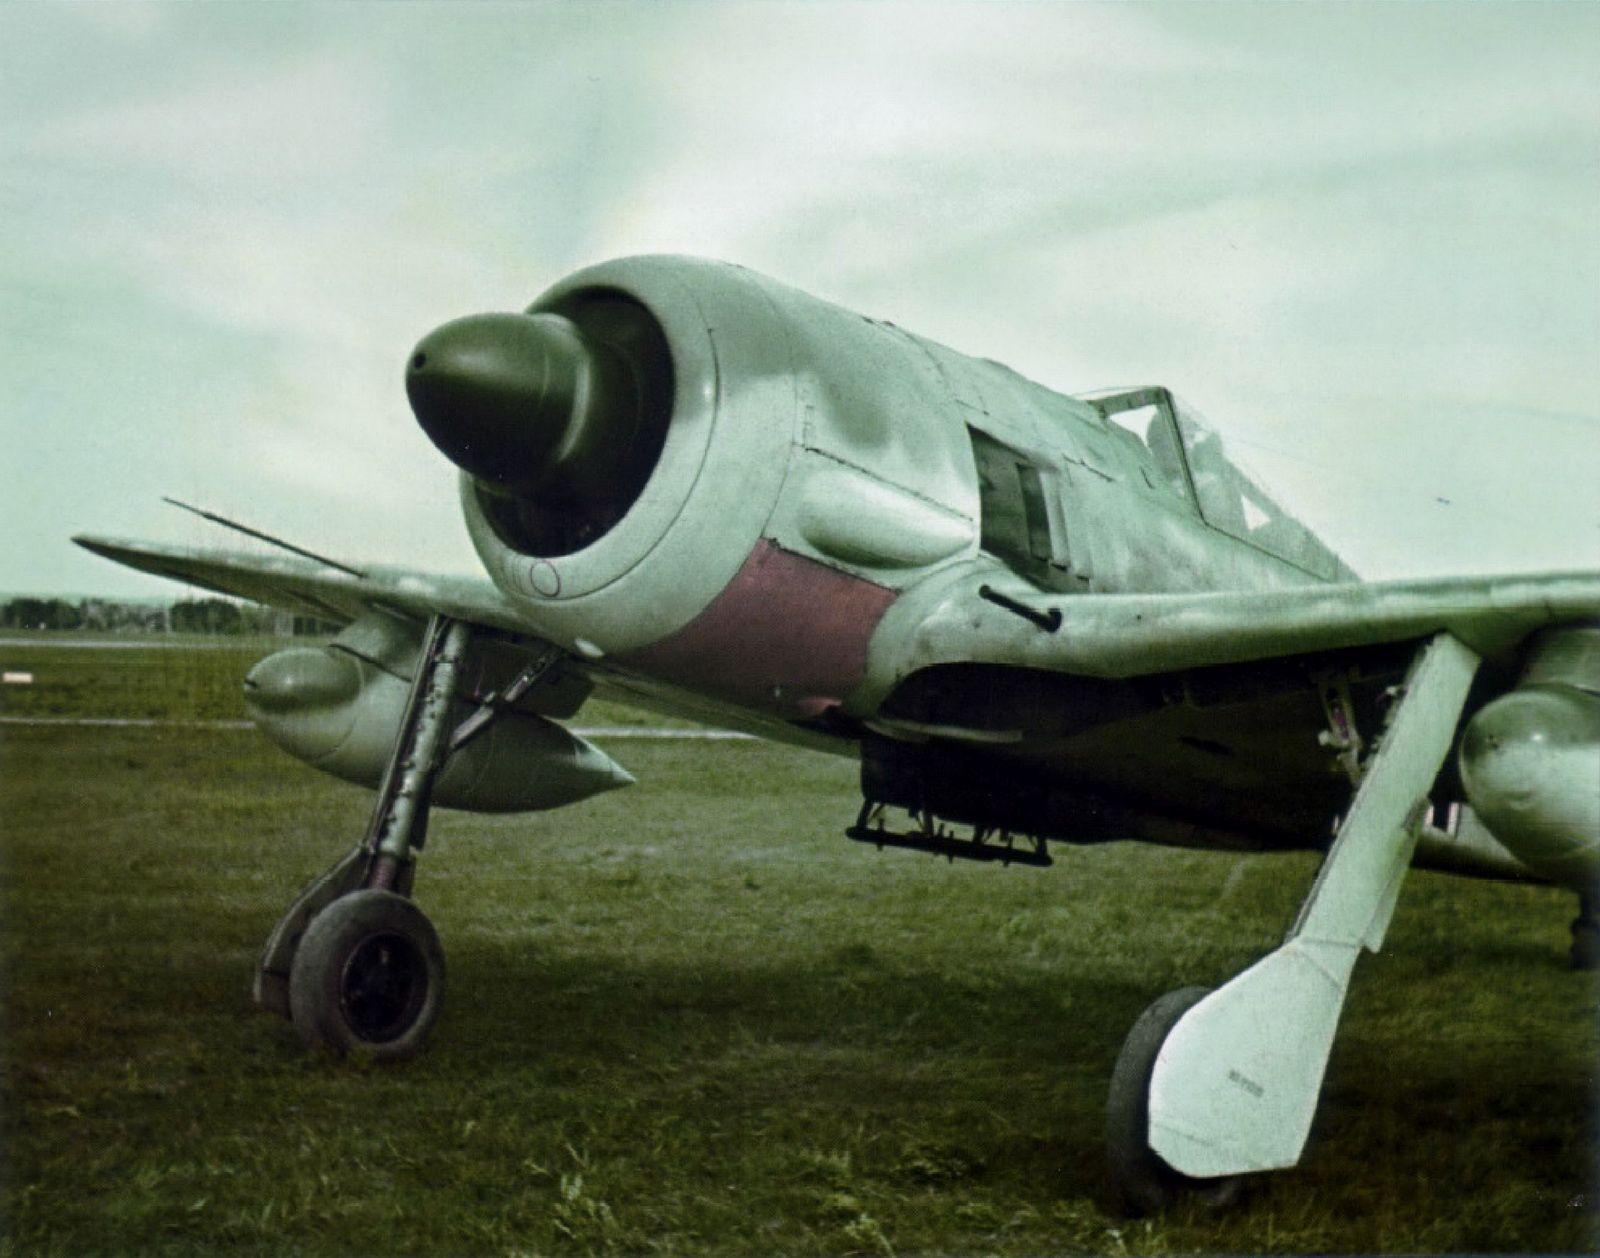 seltene Farbbilder einer Fw 190 A-5/U8 Jagdbomber mit Bombenaufhängungen unter den Flügeln (Version für Schnellkampfgeschwader, nachträgliche Umbenennung in G-2)